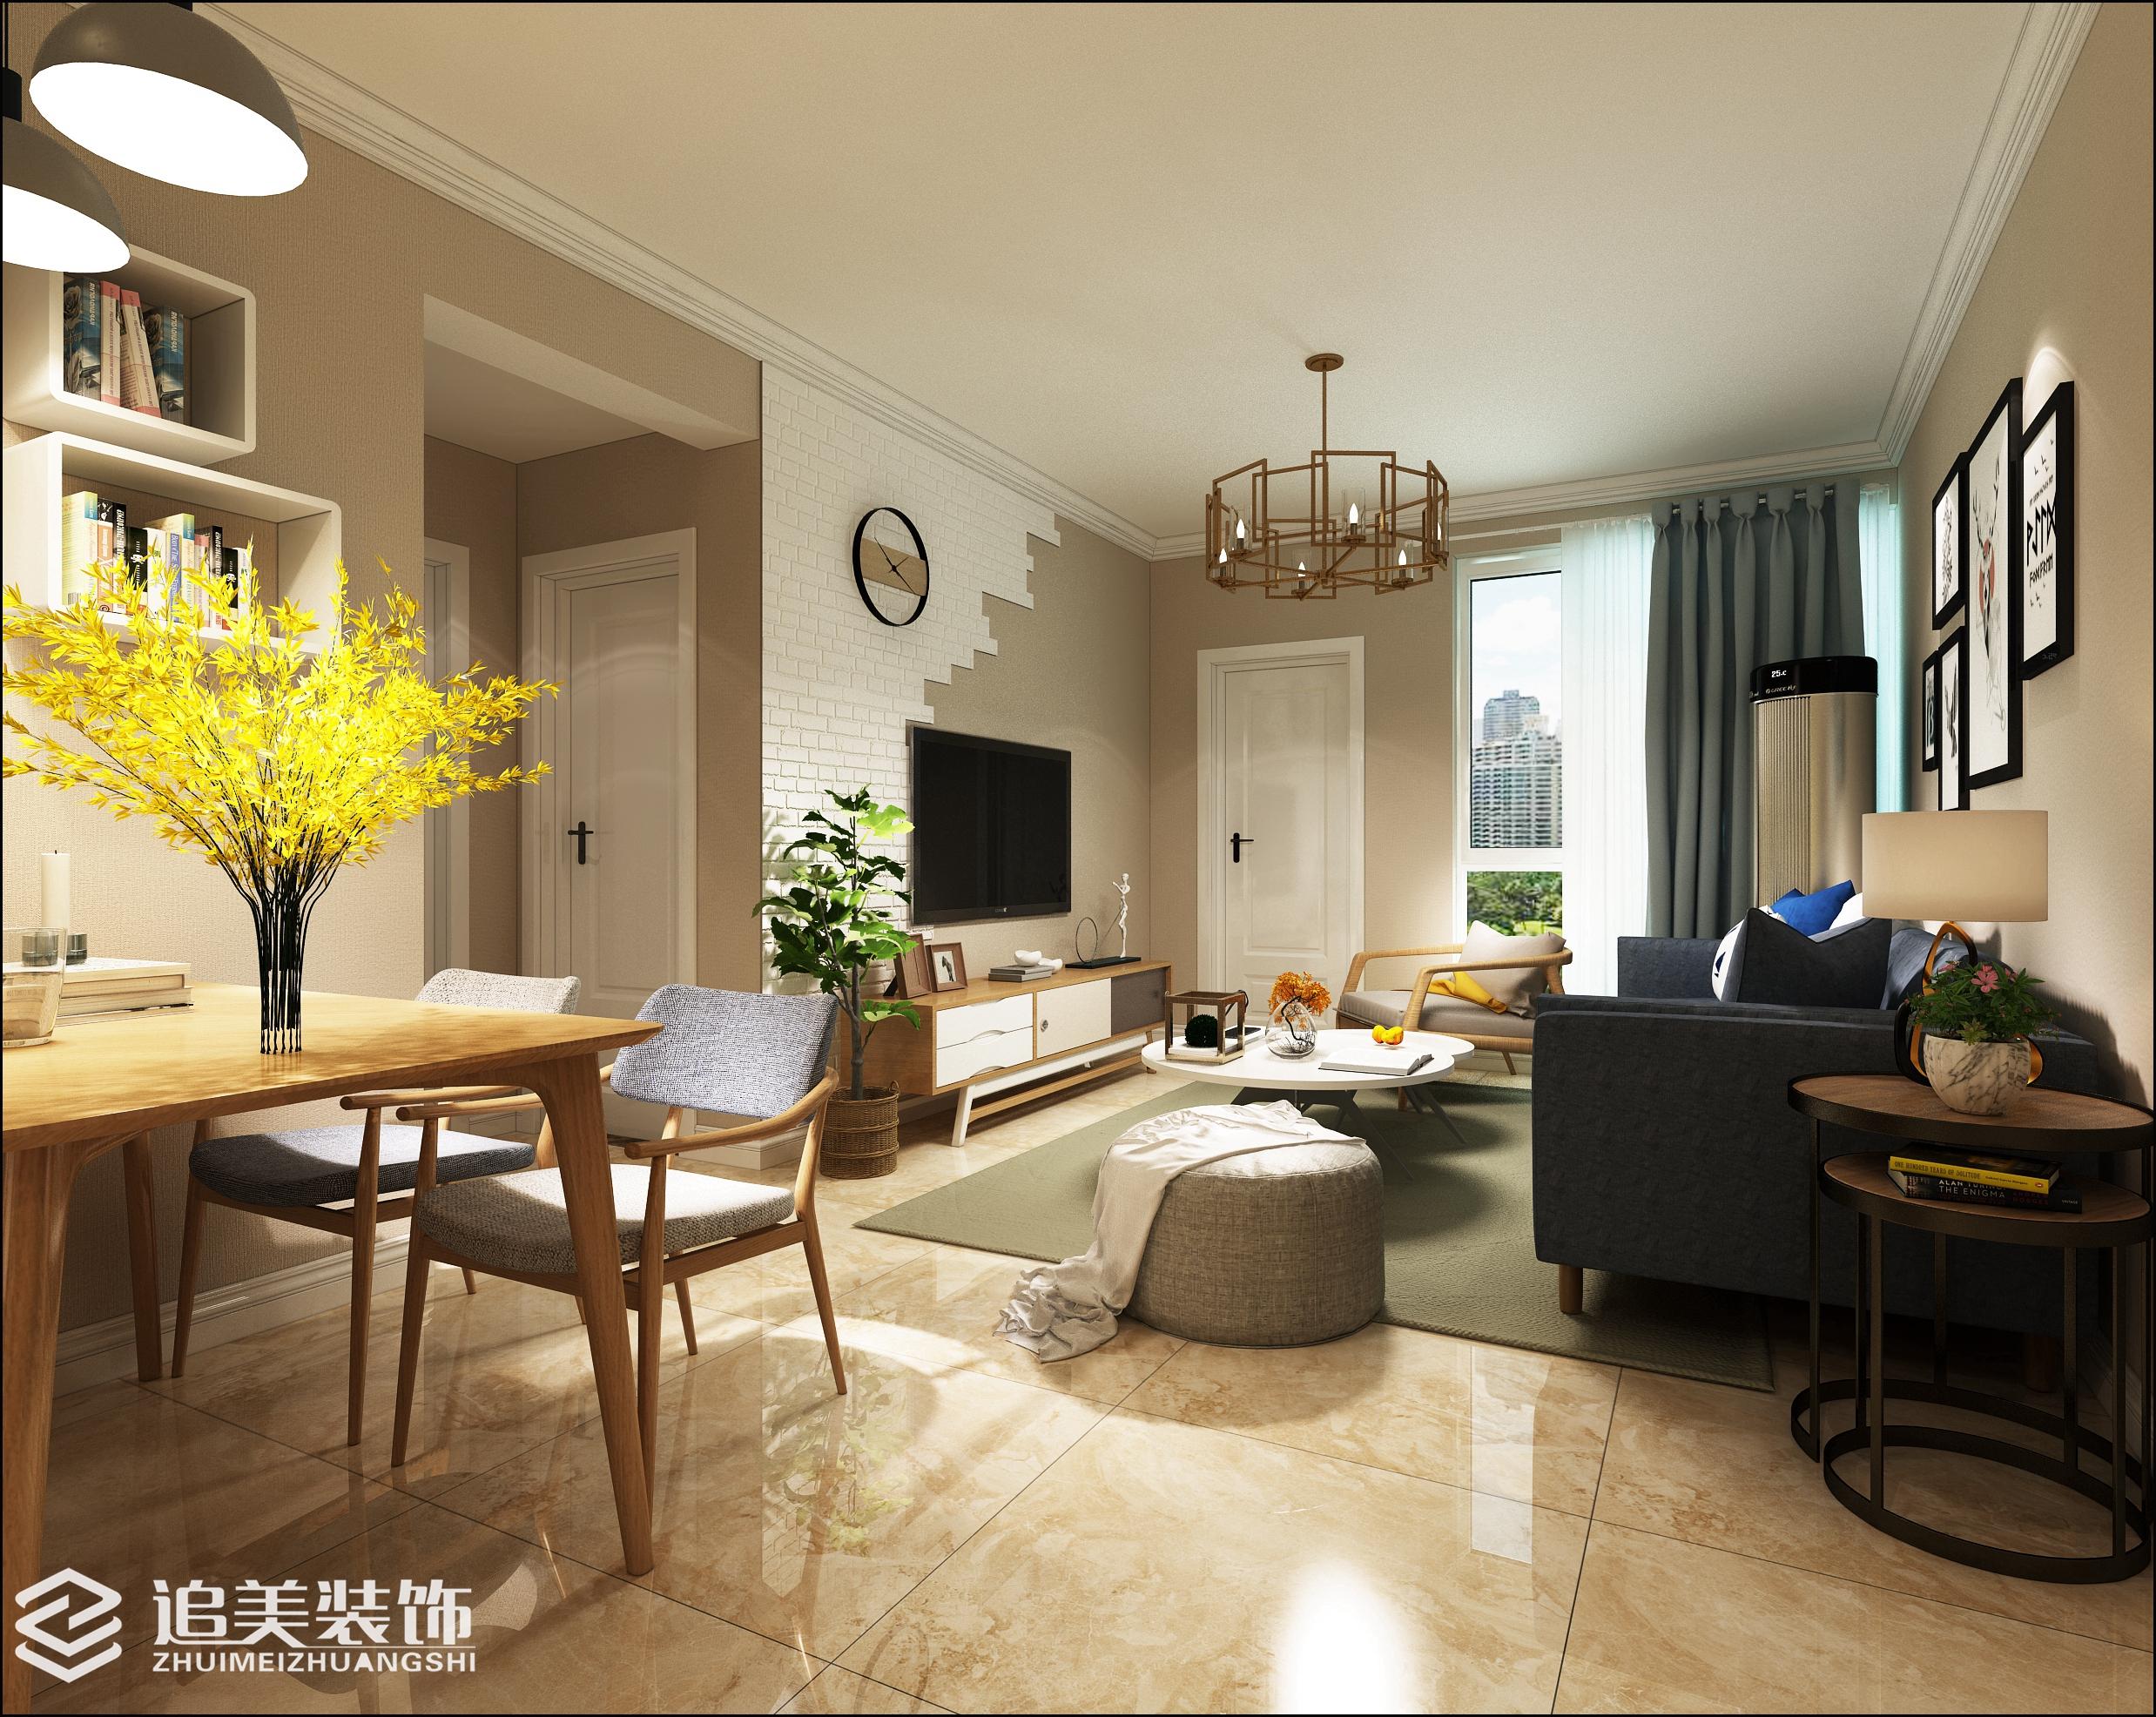 北欧风格 Moco1885 洛阳装修 二居 追美装饰 客厅图片来自河南追美装饰在MOCO1885 96㎡北欧风~的分享